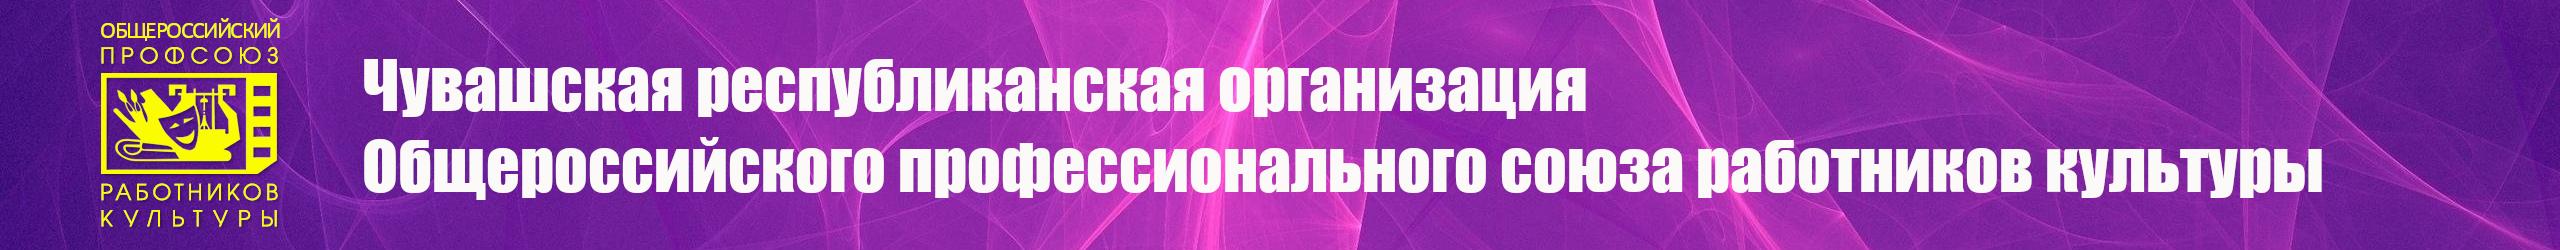 Чувашская республиканская организация Общероссийского  профессионального союза работников культуры